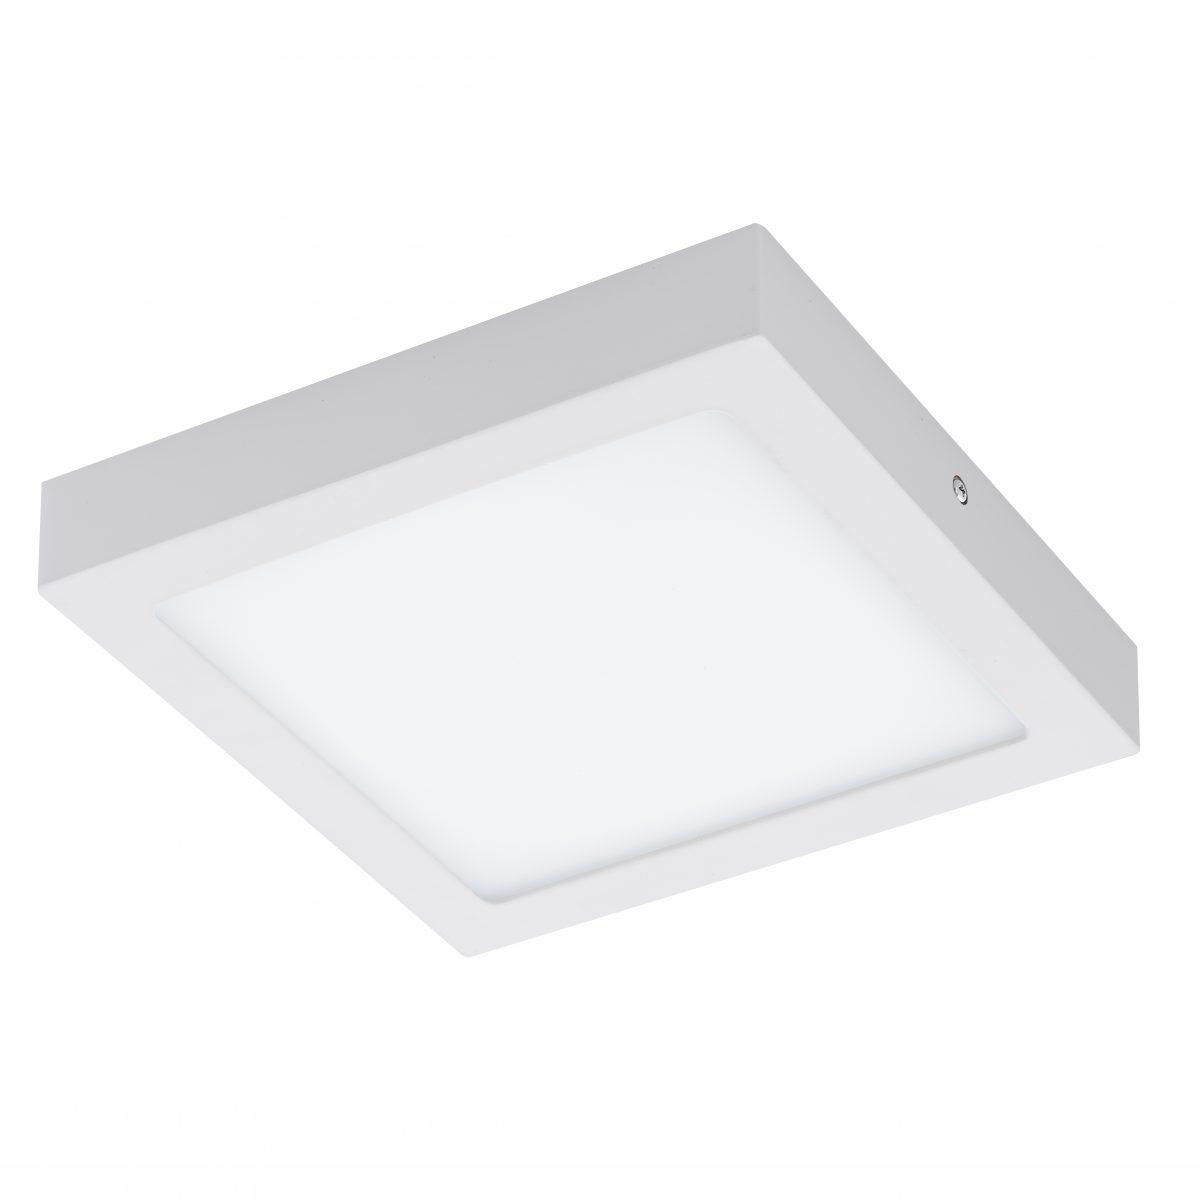 Светильник настенно-потолочный FUEVA-C/CONNECT EGLO 96672 - Фото №28